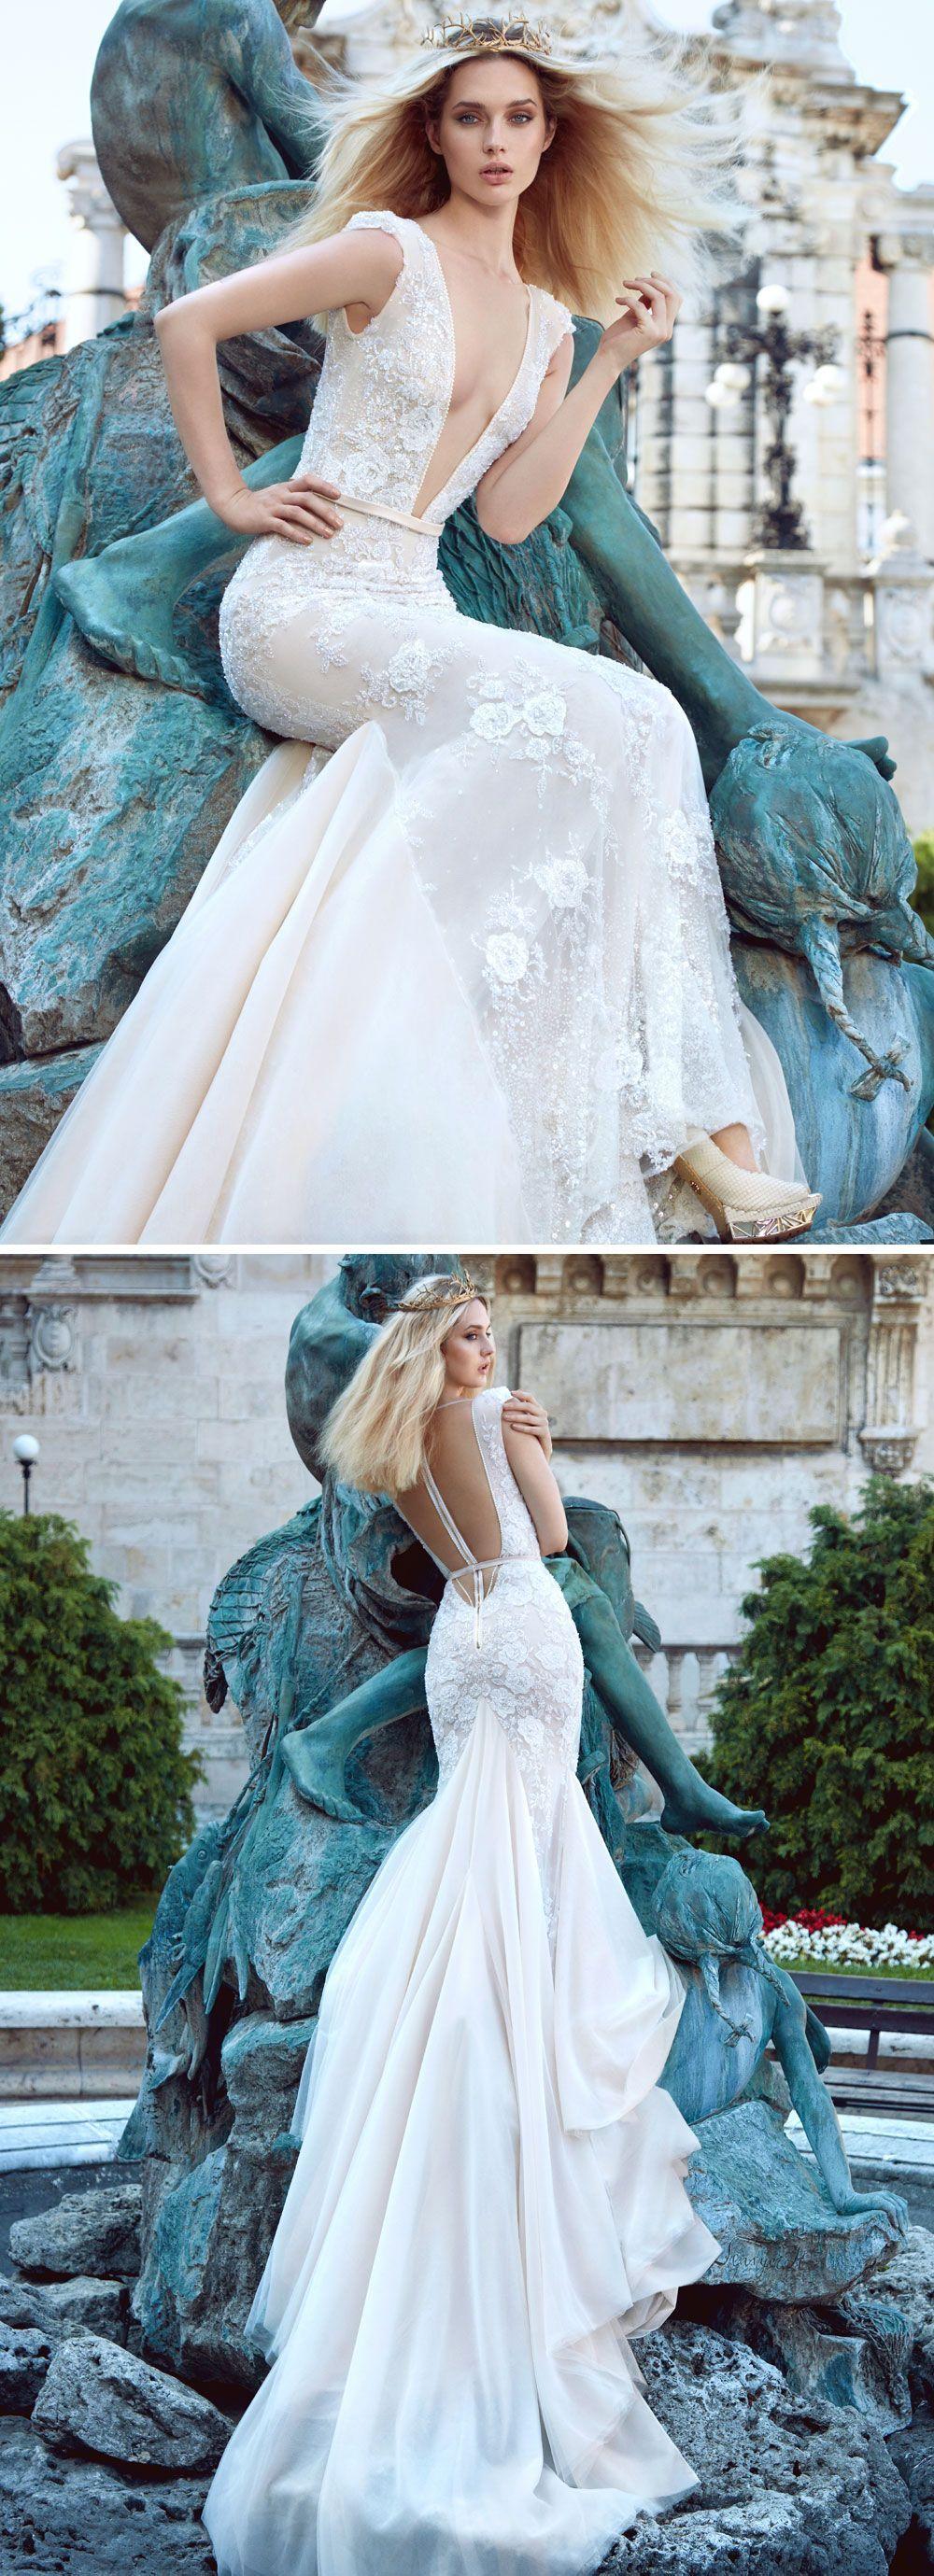 Amazing Elope Wedding Dress Image - All Wedding Dresses ...